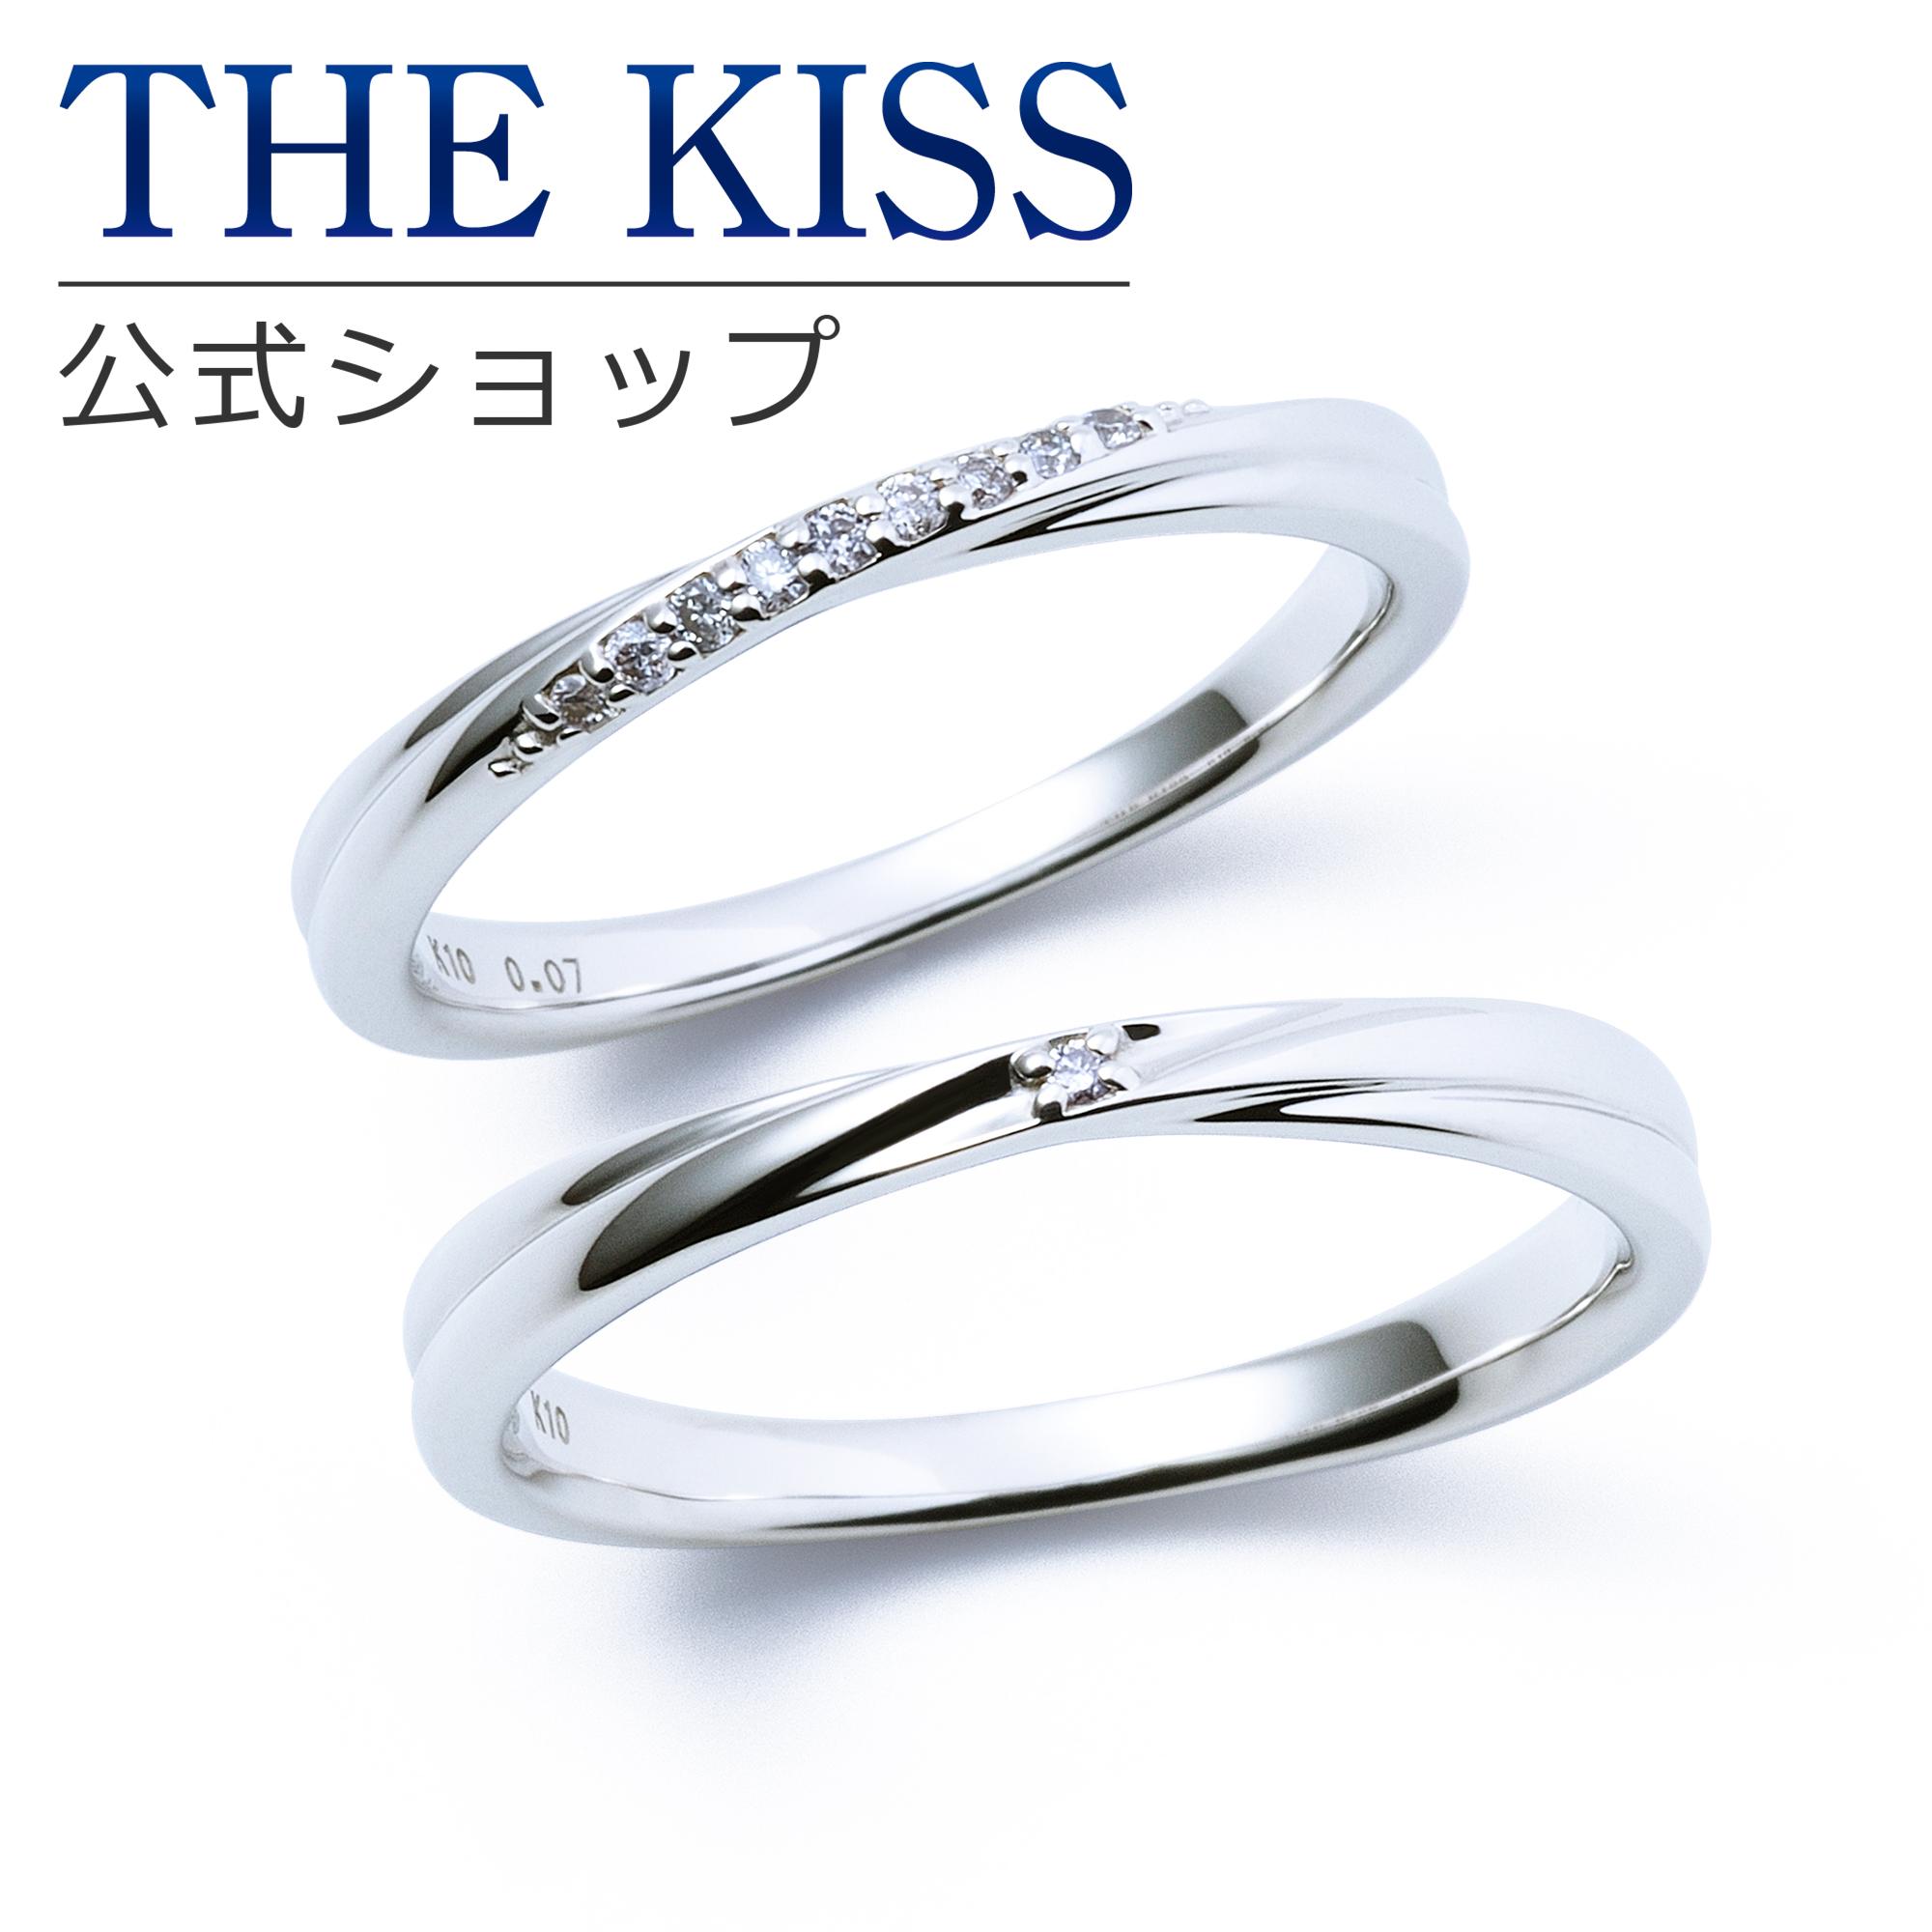 【刻印可_7文字】【THE KISS Anniversary】 K10 ホワイトゴールド マリッジ リング 結婚指輪 ペアリング THE KISS ザキッス リング・指輪 7621122021-7621122022 セット シンプル 男性 女性 2個ペア ザキス 【送料無料】